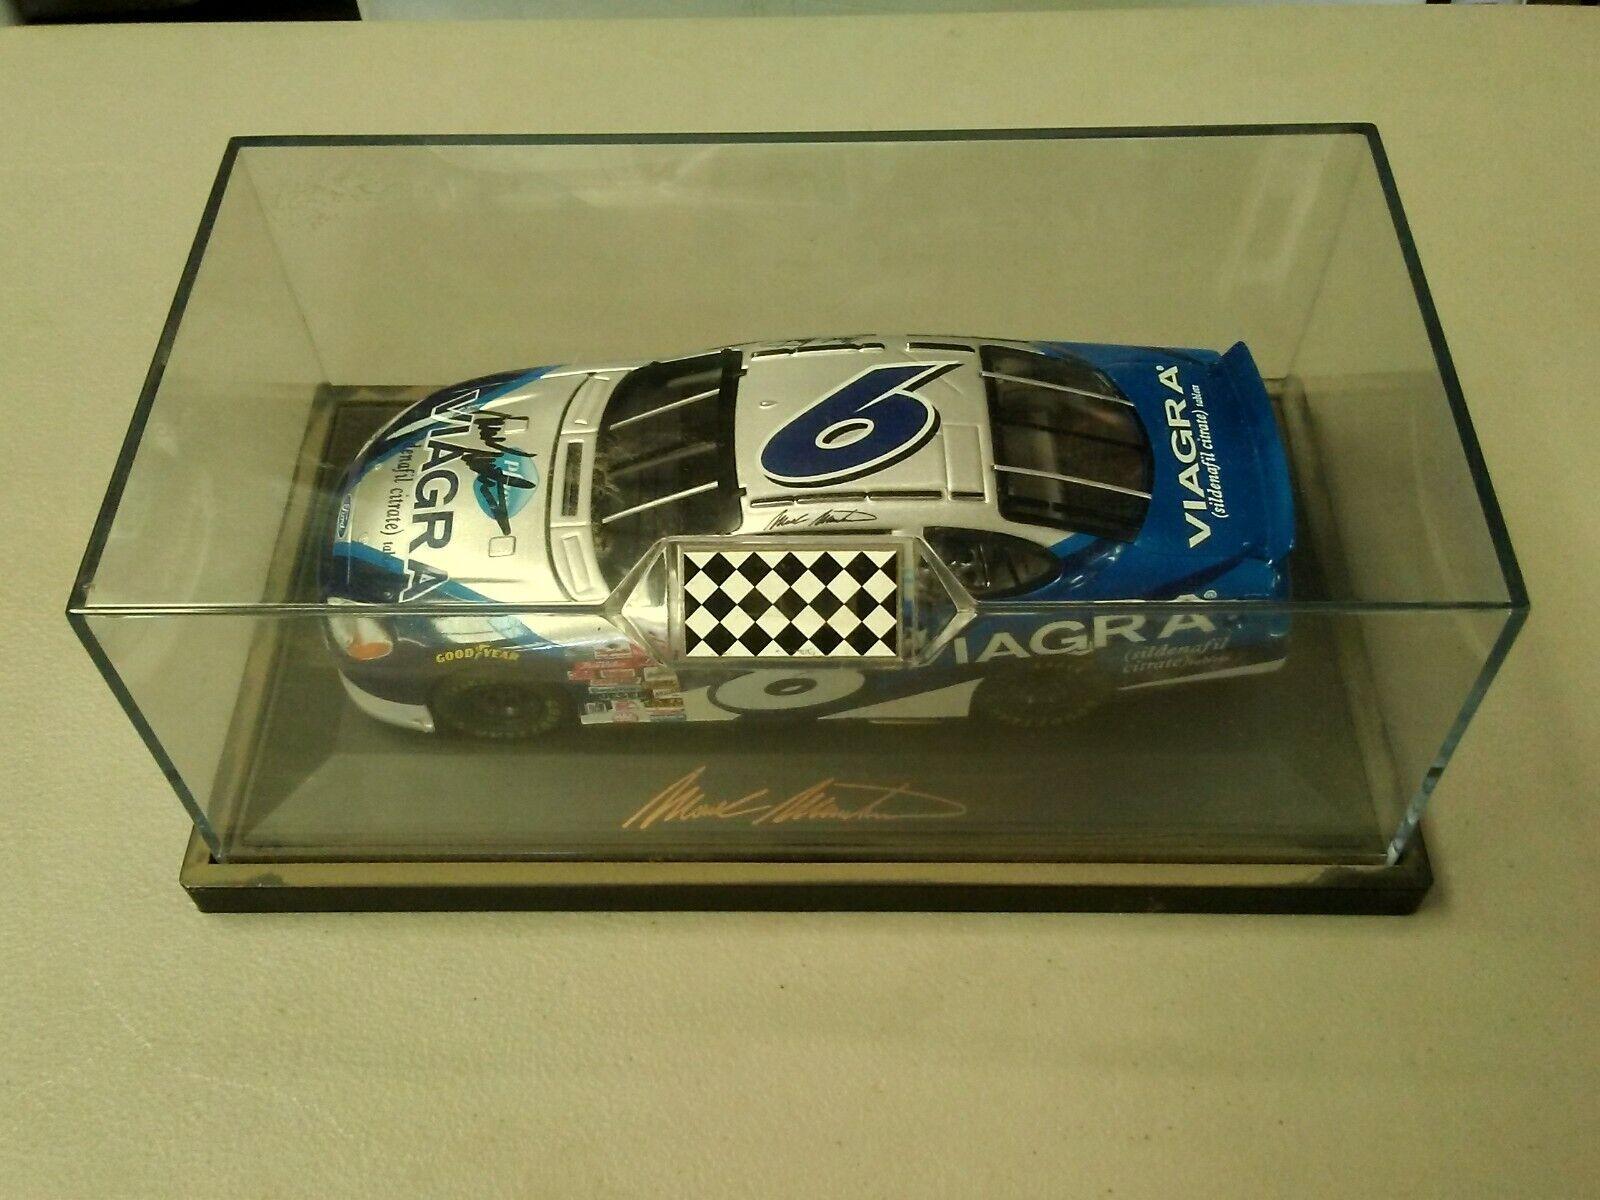 6 Mark Martin NASvoiture TC propriétaires 1 24 Diecast voiture _'01 Viagra 1 A  nouveaux produits nouveautés